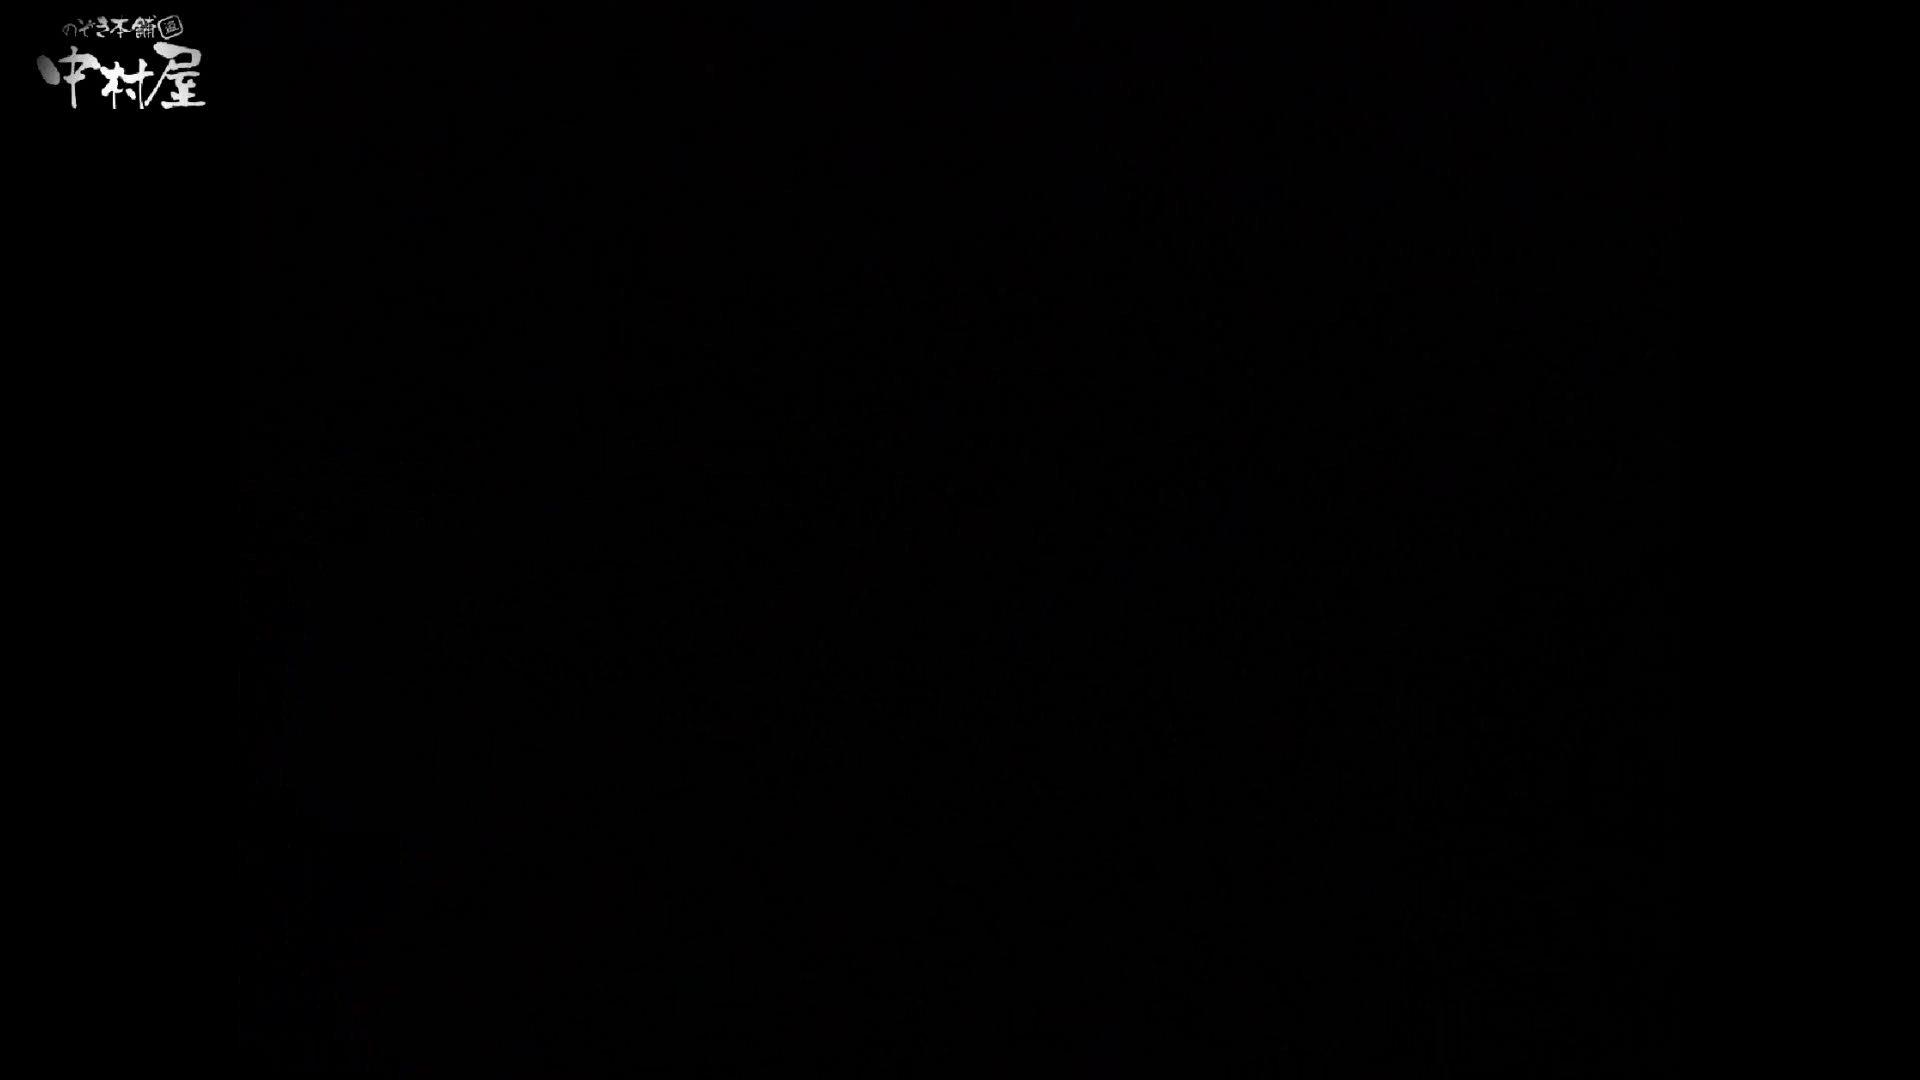 民家風呂専門盗撮師の超危険映像 vol.018 OLセックス 覗きぱこり動画紹介 62画像 14